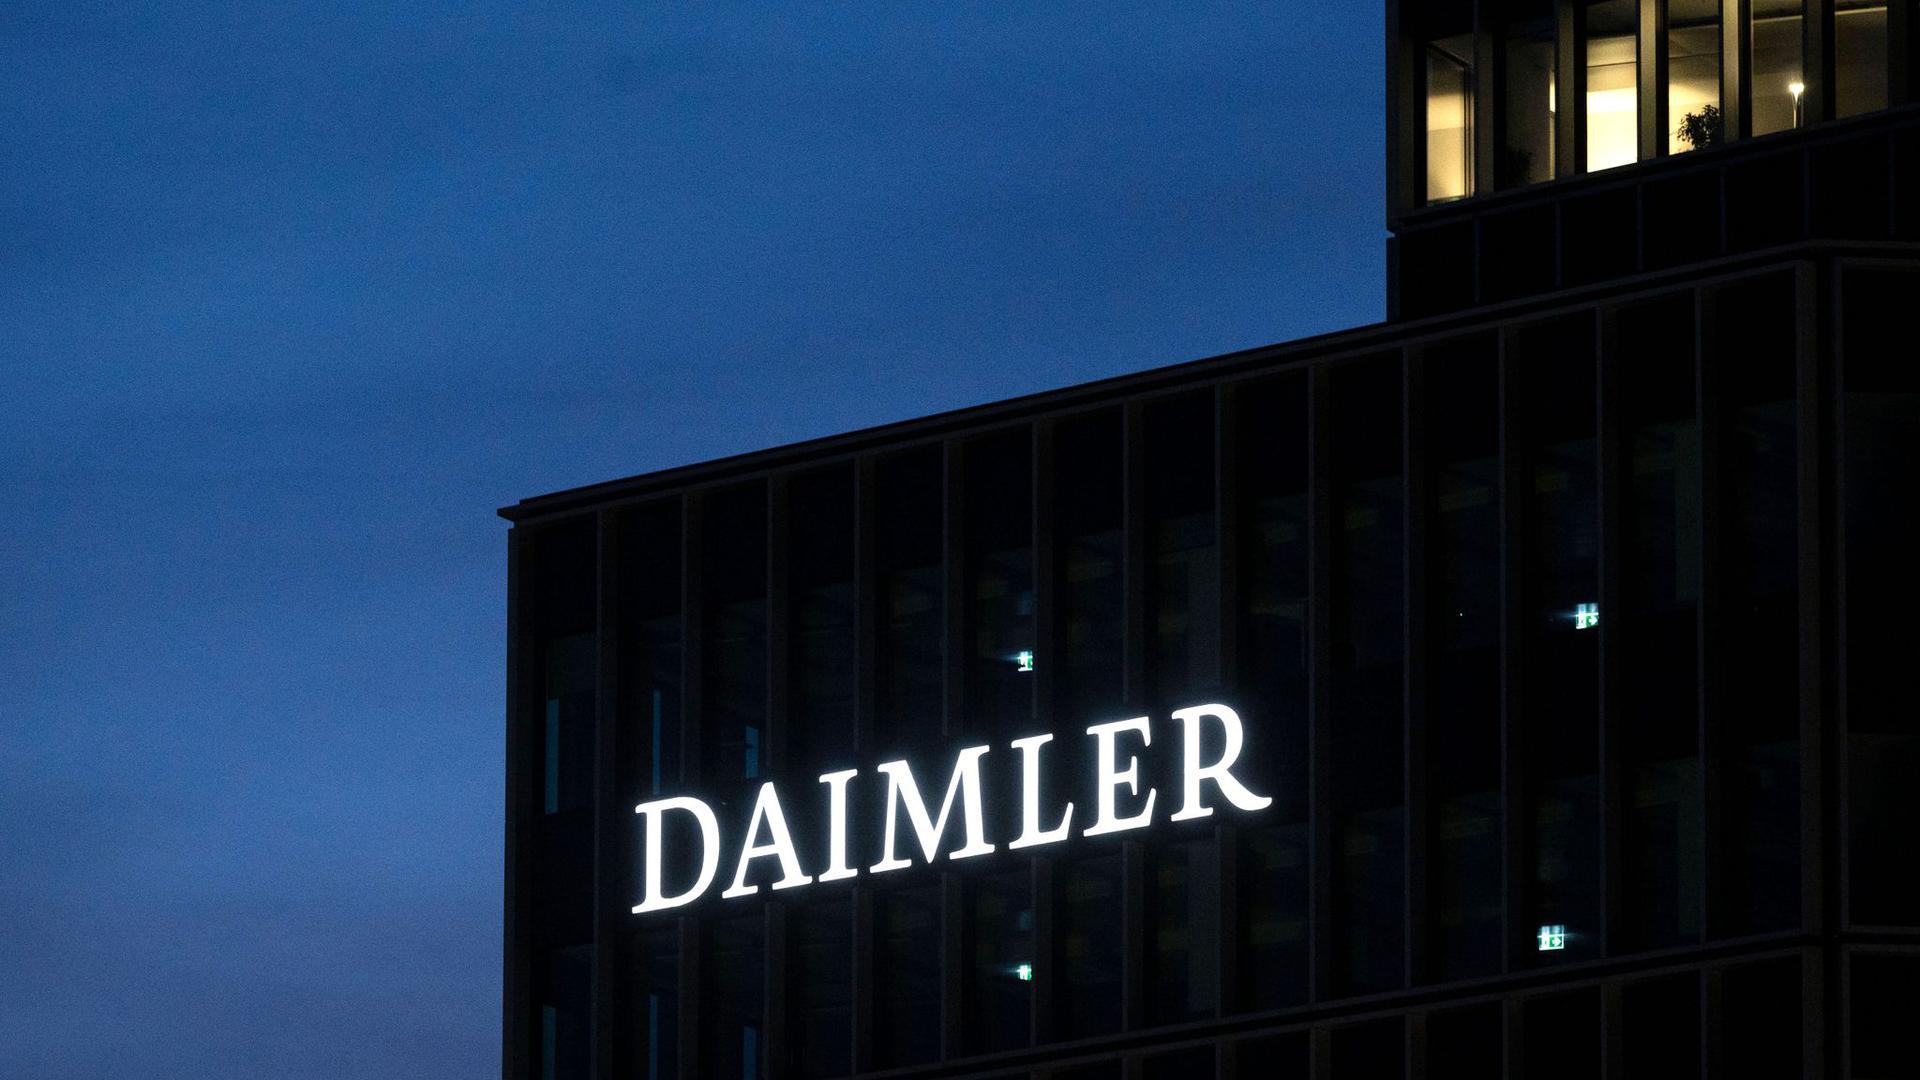 Der Bundesgerichtshof (BGH) hat sein Urteil nach einer Schadenersatz-Klage gegen Daimler wegen des sogenannten Thermofensters verkündet.